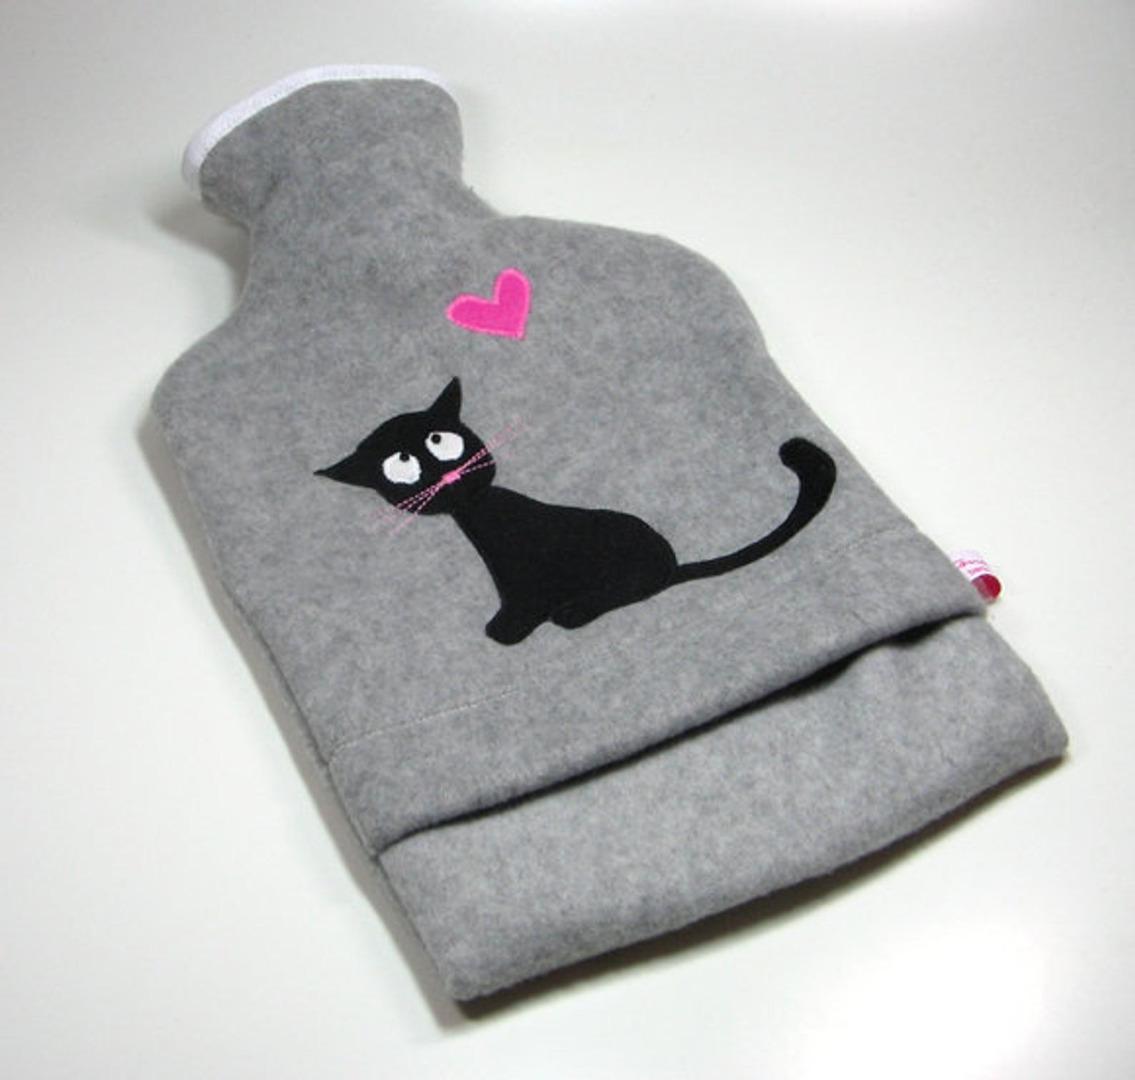 Wärmflasche - Graumeliert mit schwarzer Katze